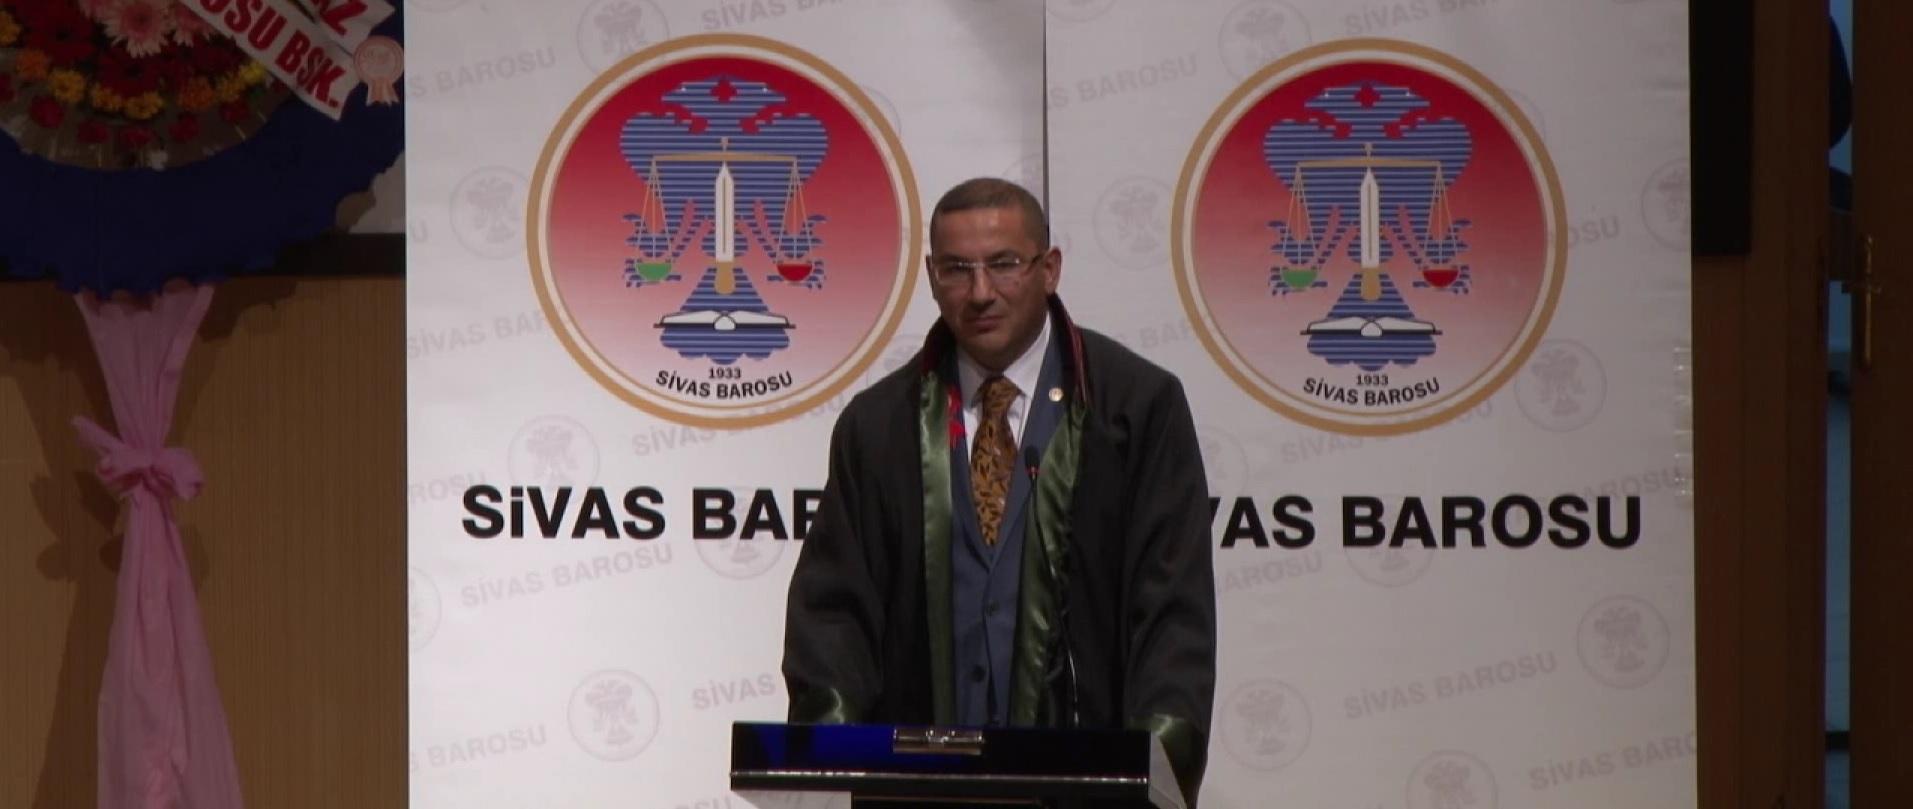 SİVAS BAROSU 2014 OLAĞAN GENEL KURULU YAPILDI.